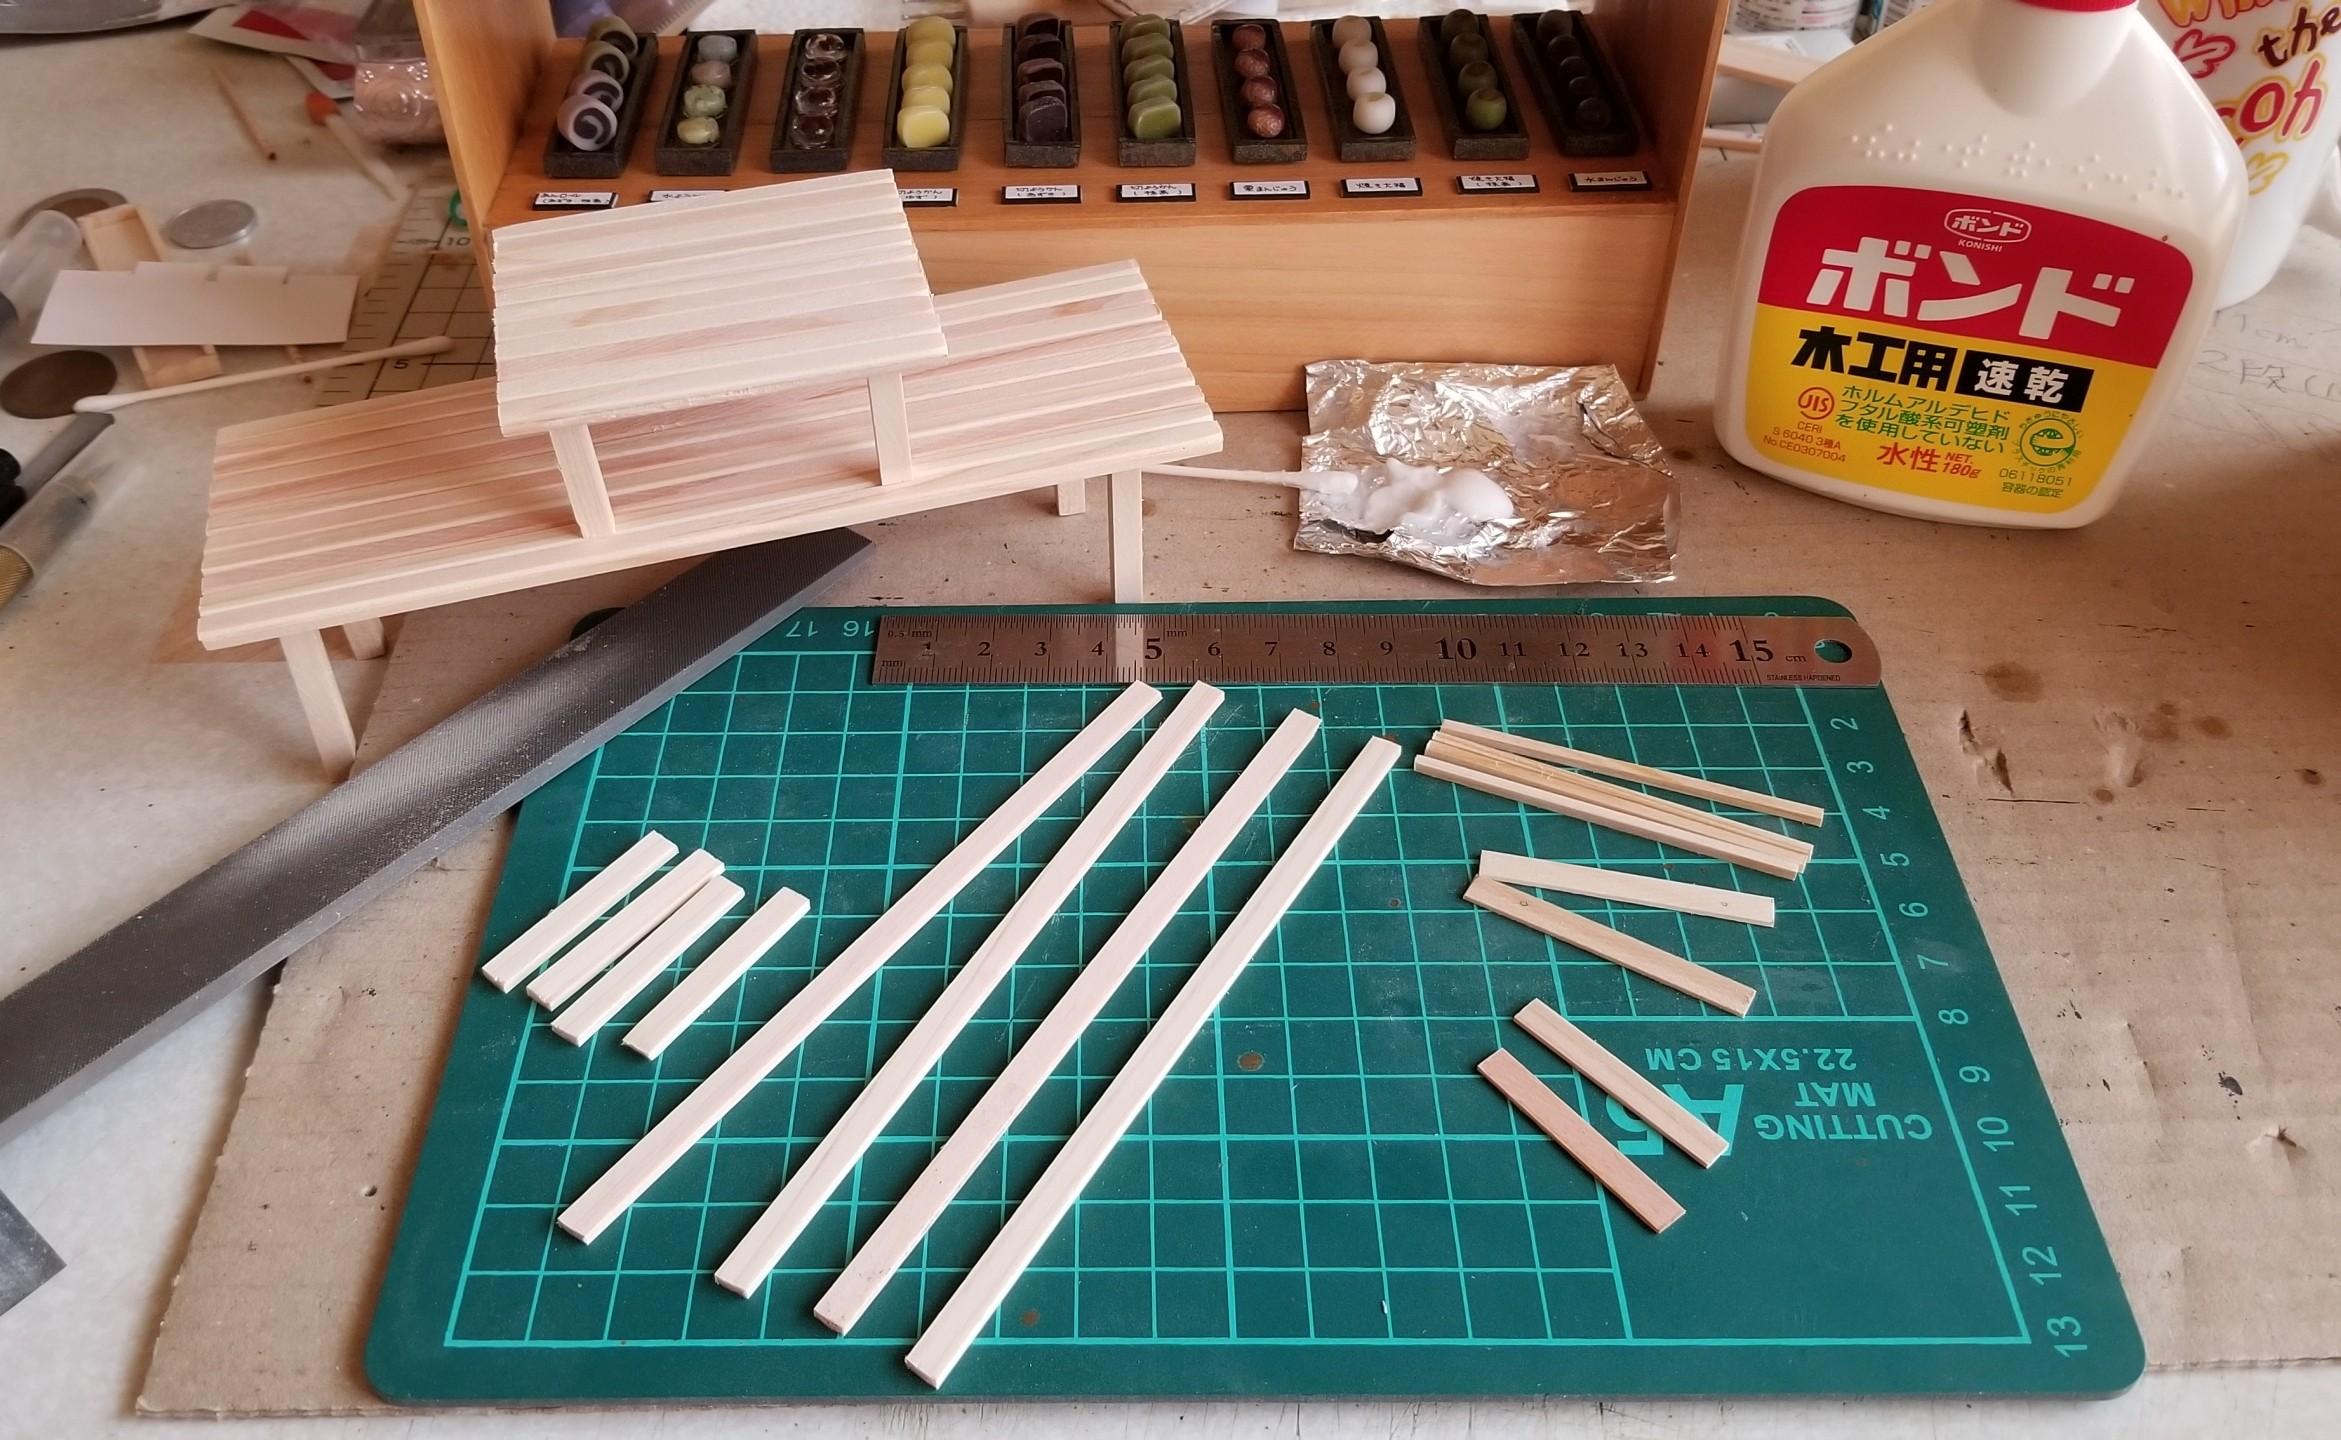 ミニチュア,ドール,机,長椅子,テーブル,和菓子屋,作り方,DIY,可愛い